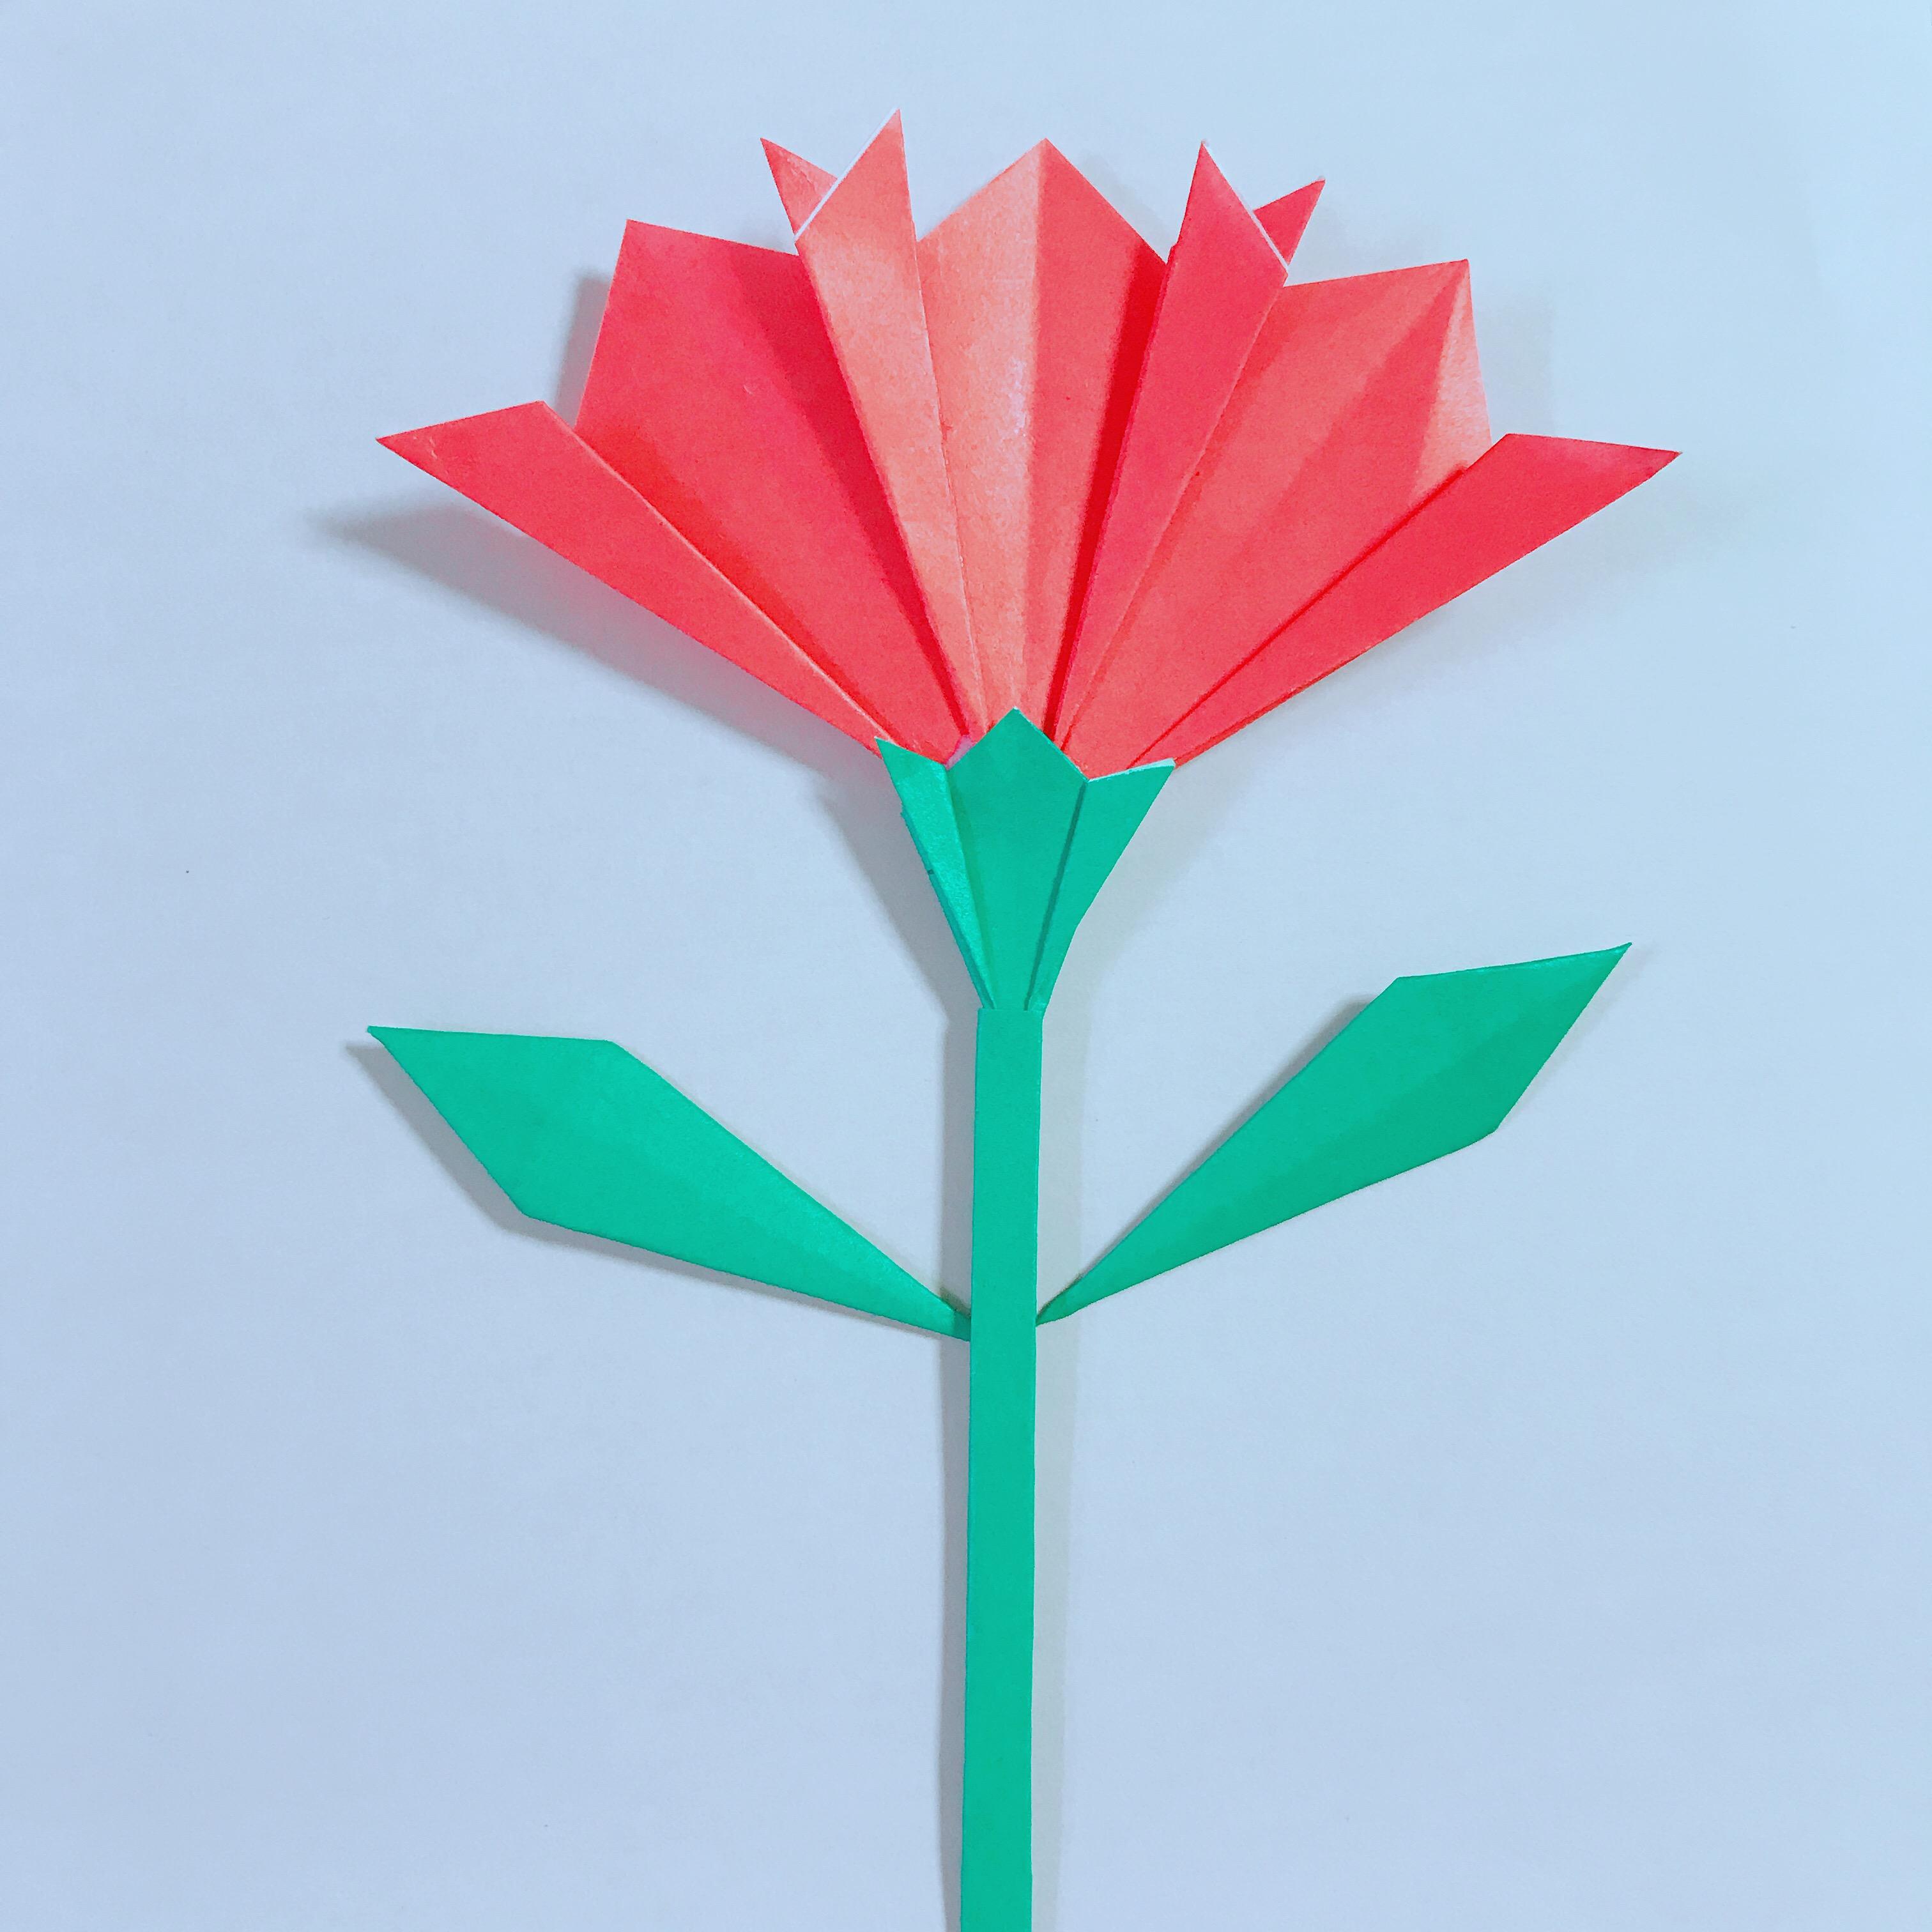 折り紙のカーネーションは簡単!茎と葉っぱも作ってみよう!